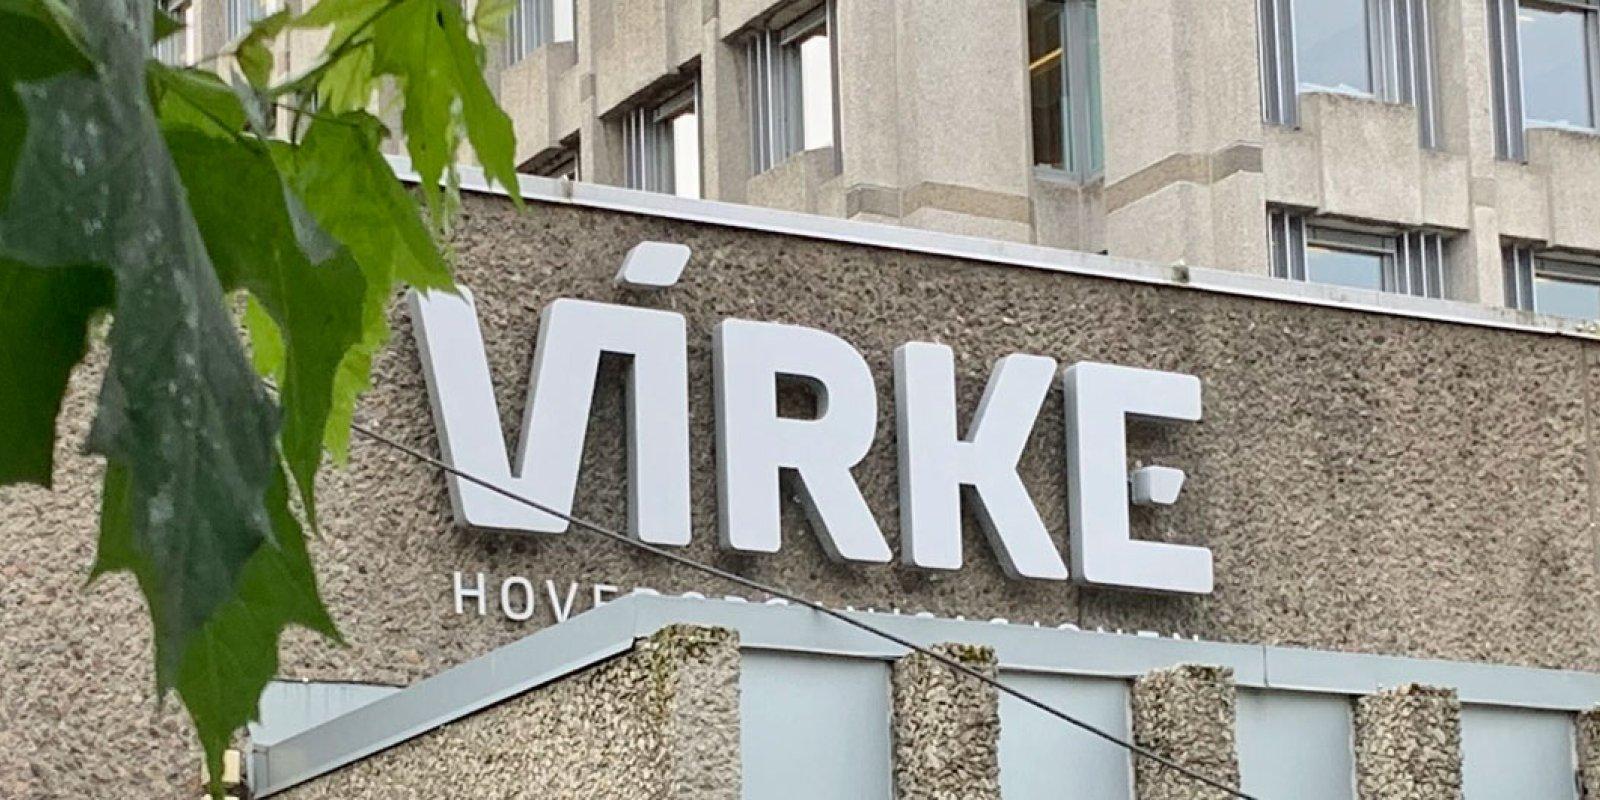 Virke_fasade